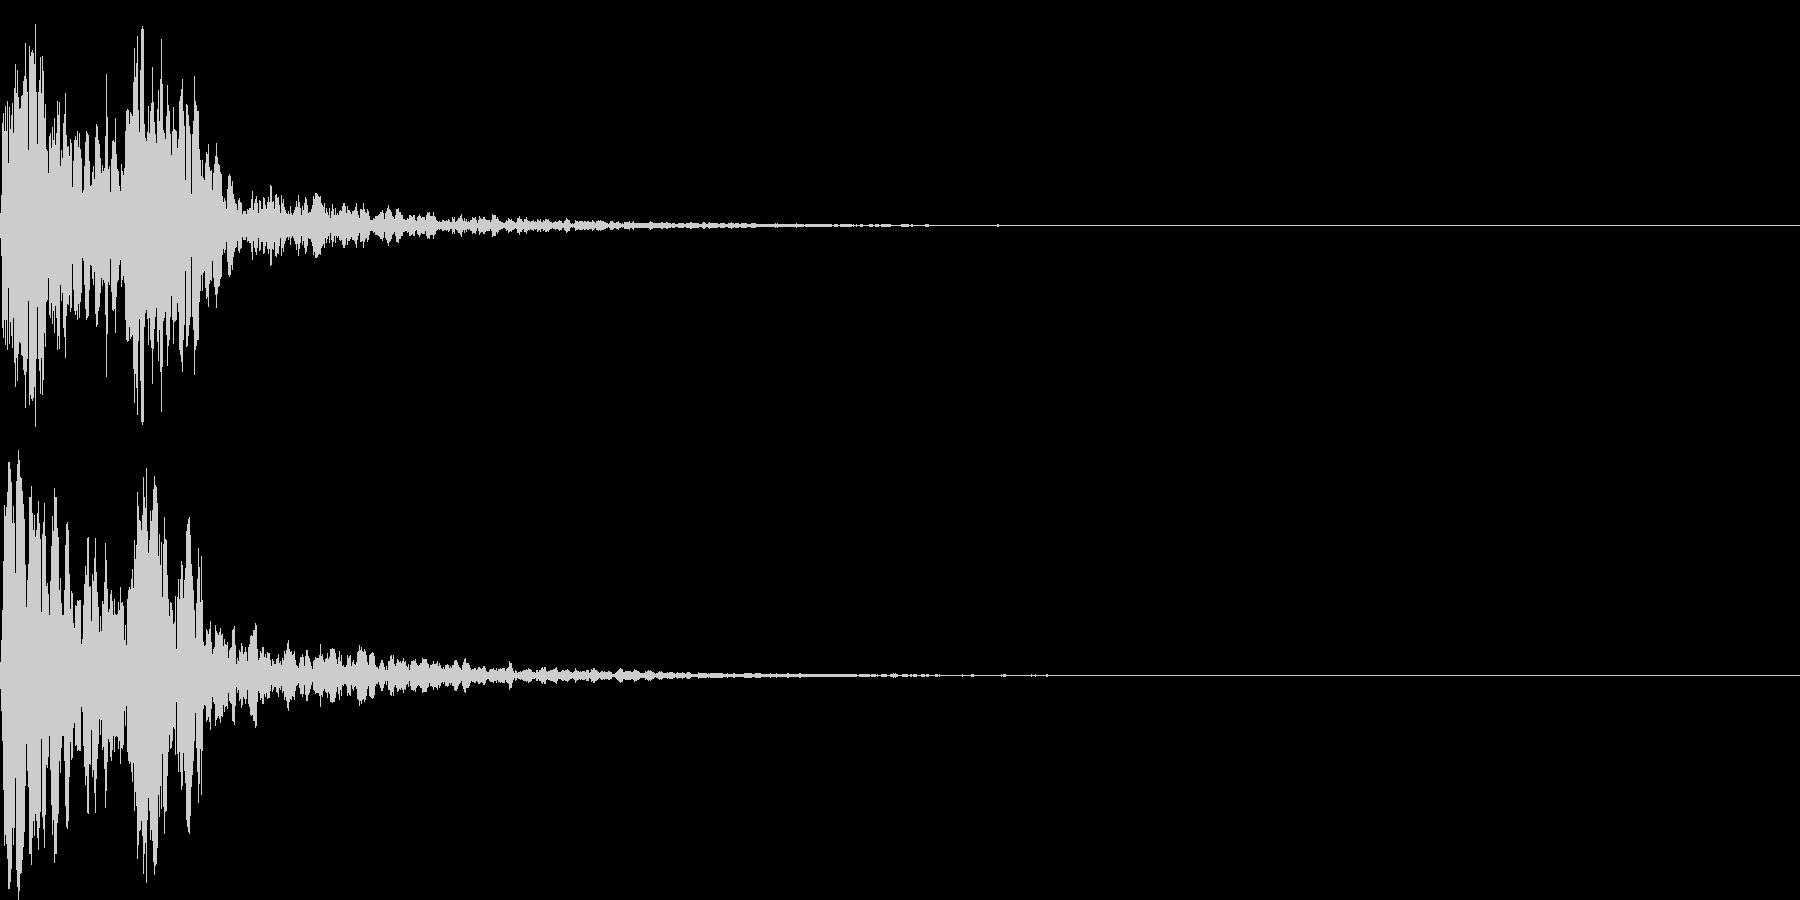 鼓(つづみ)太鼓のフレーズ ジングル1sの未再生の波形